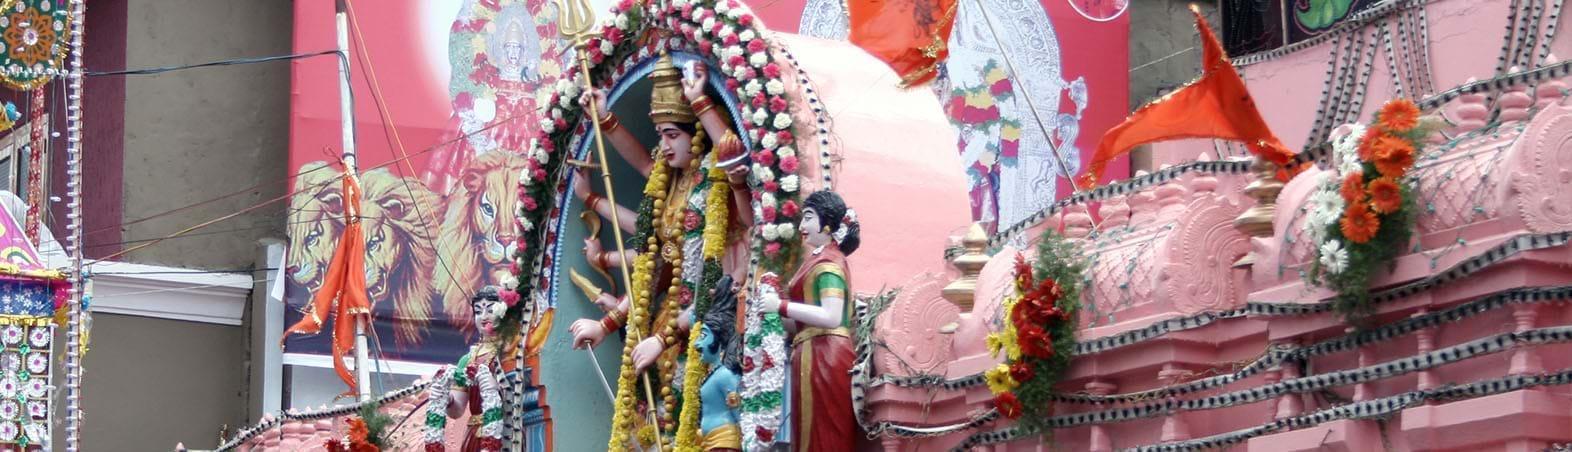 Festivities in Andhra Pradesh